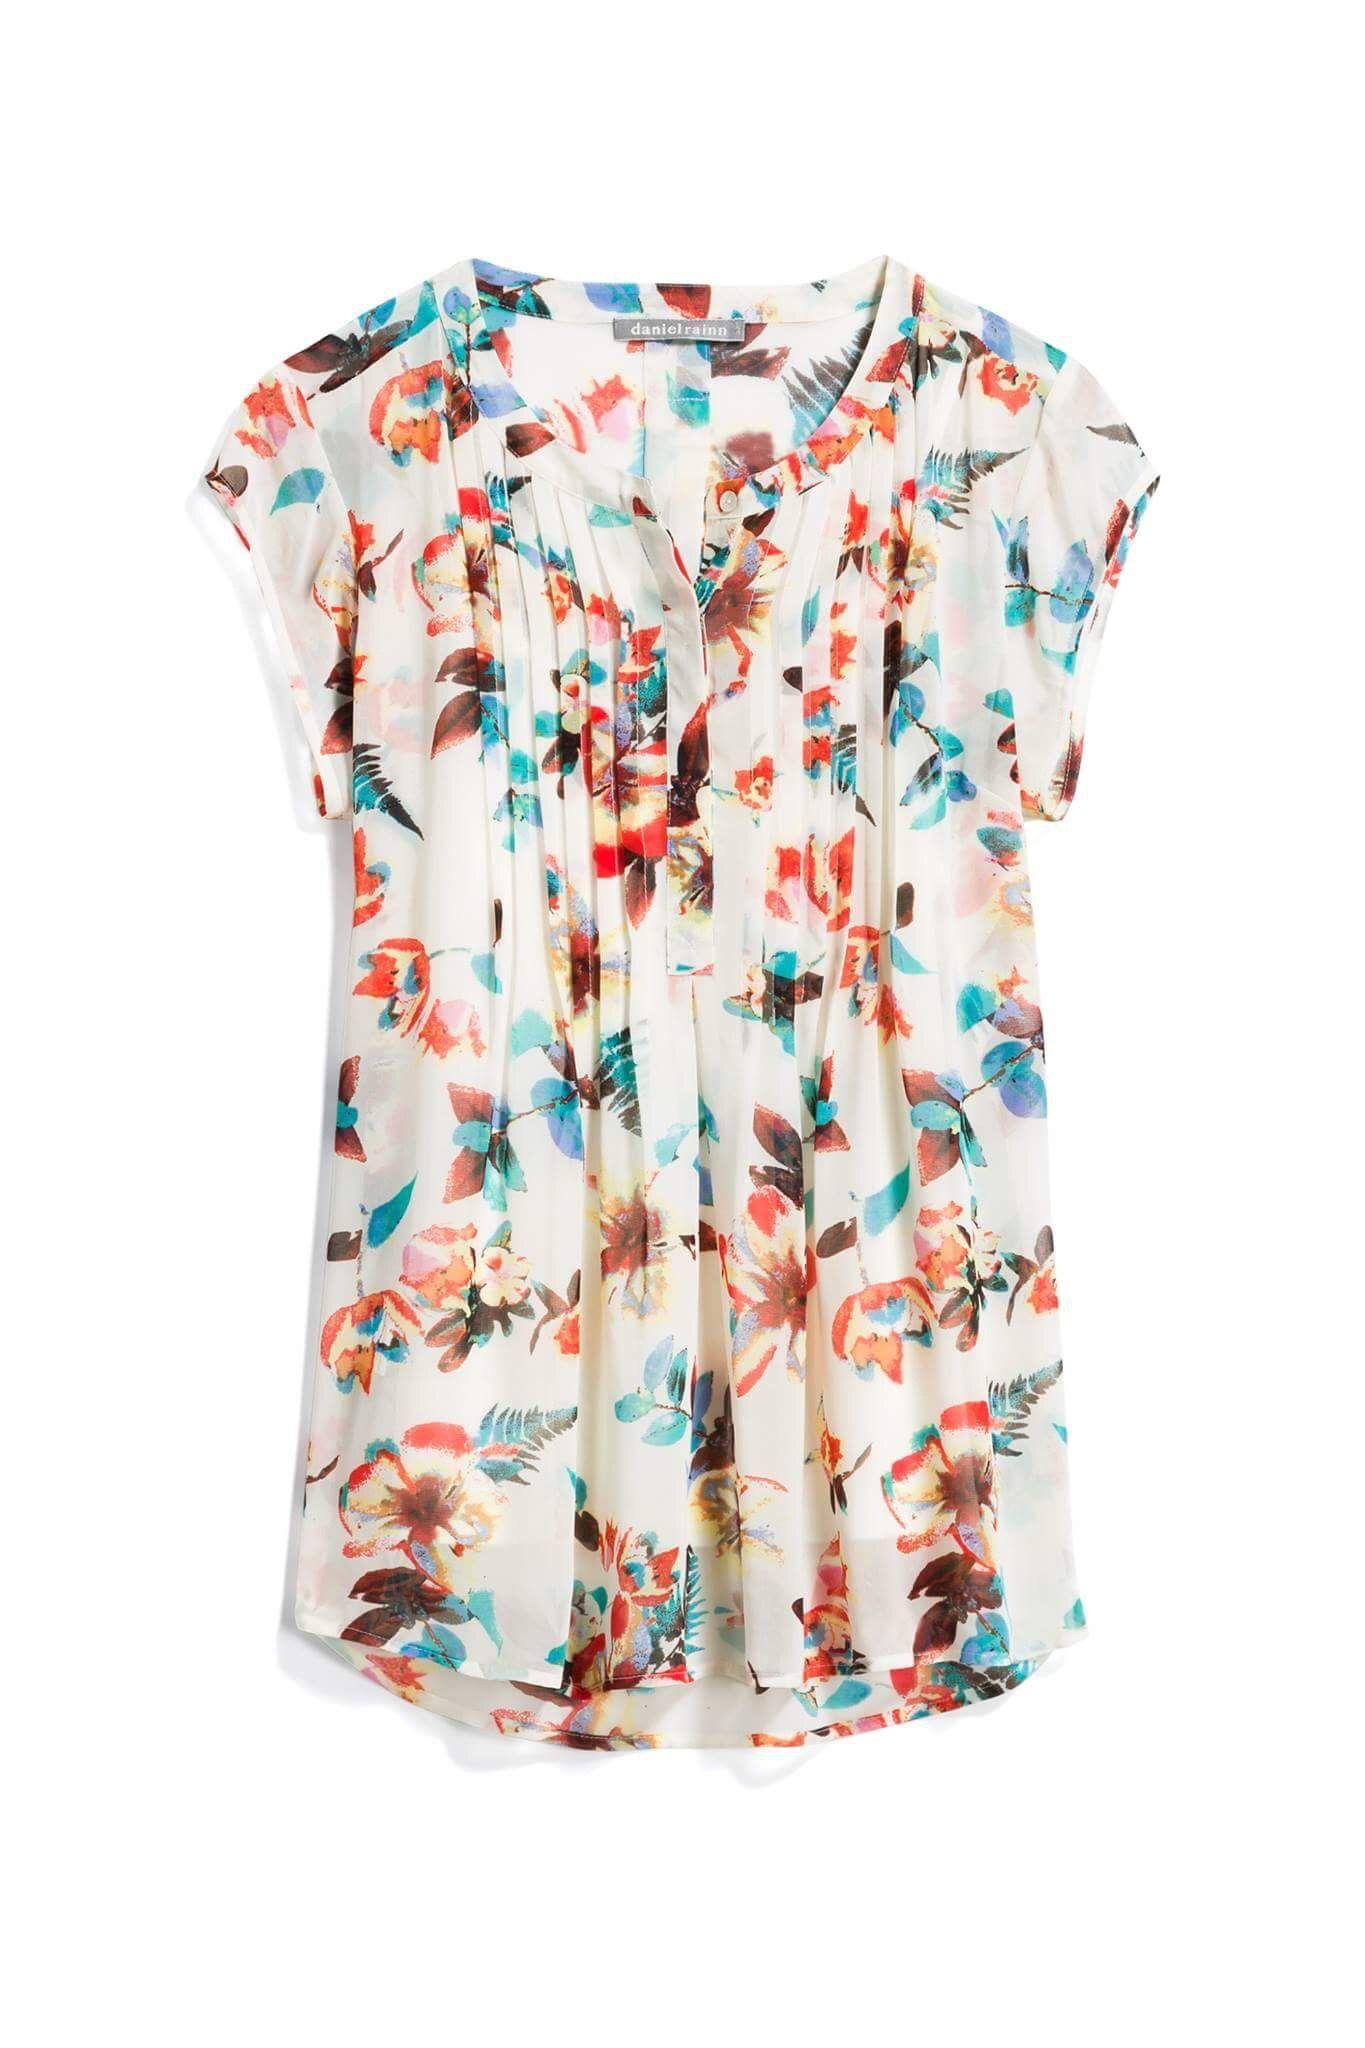 Daniel rainn multicolor floral blouse stitch fix style quiz